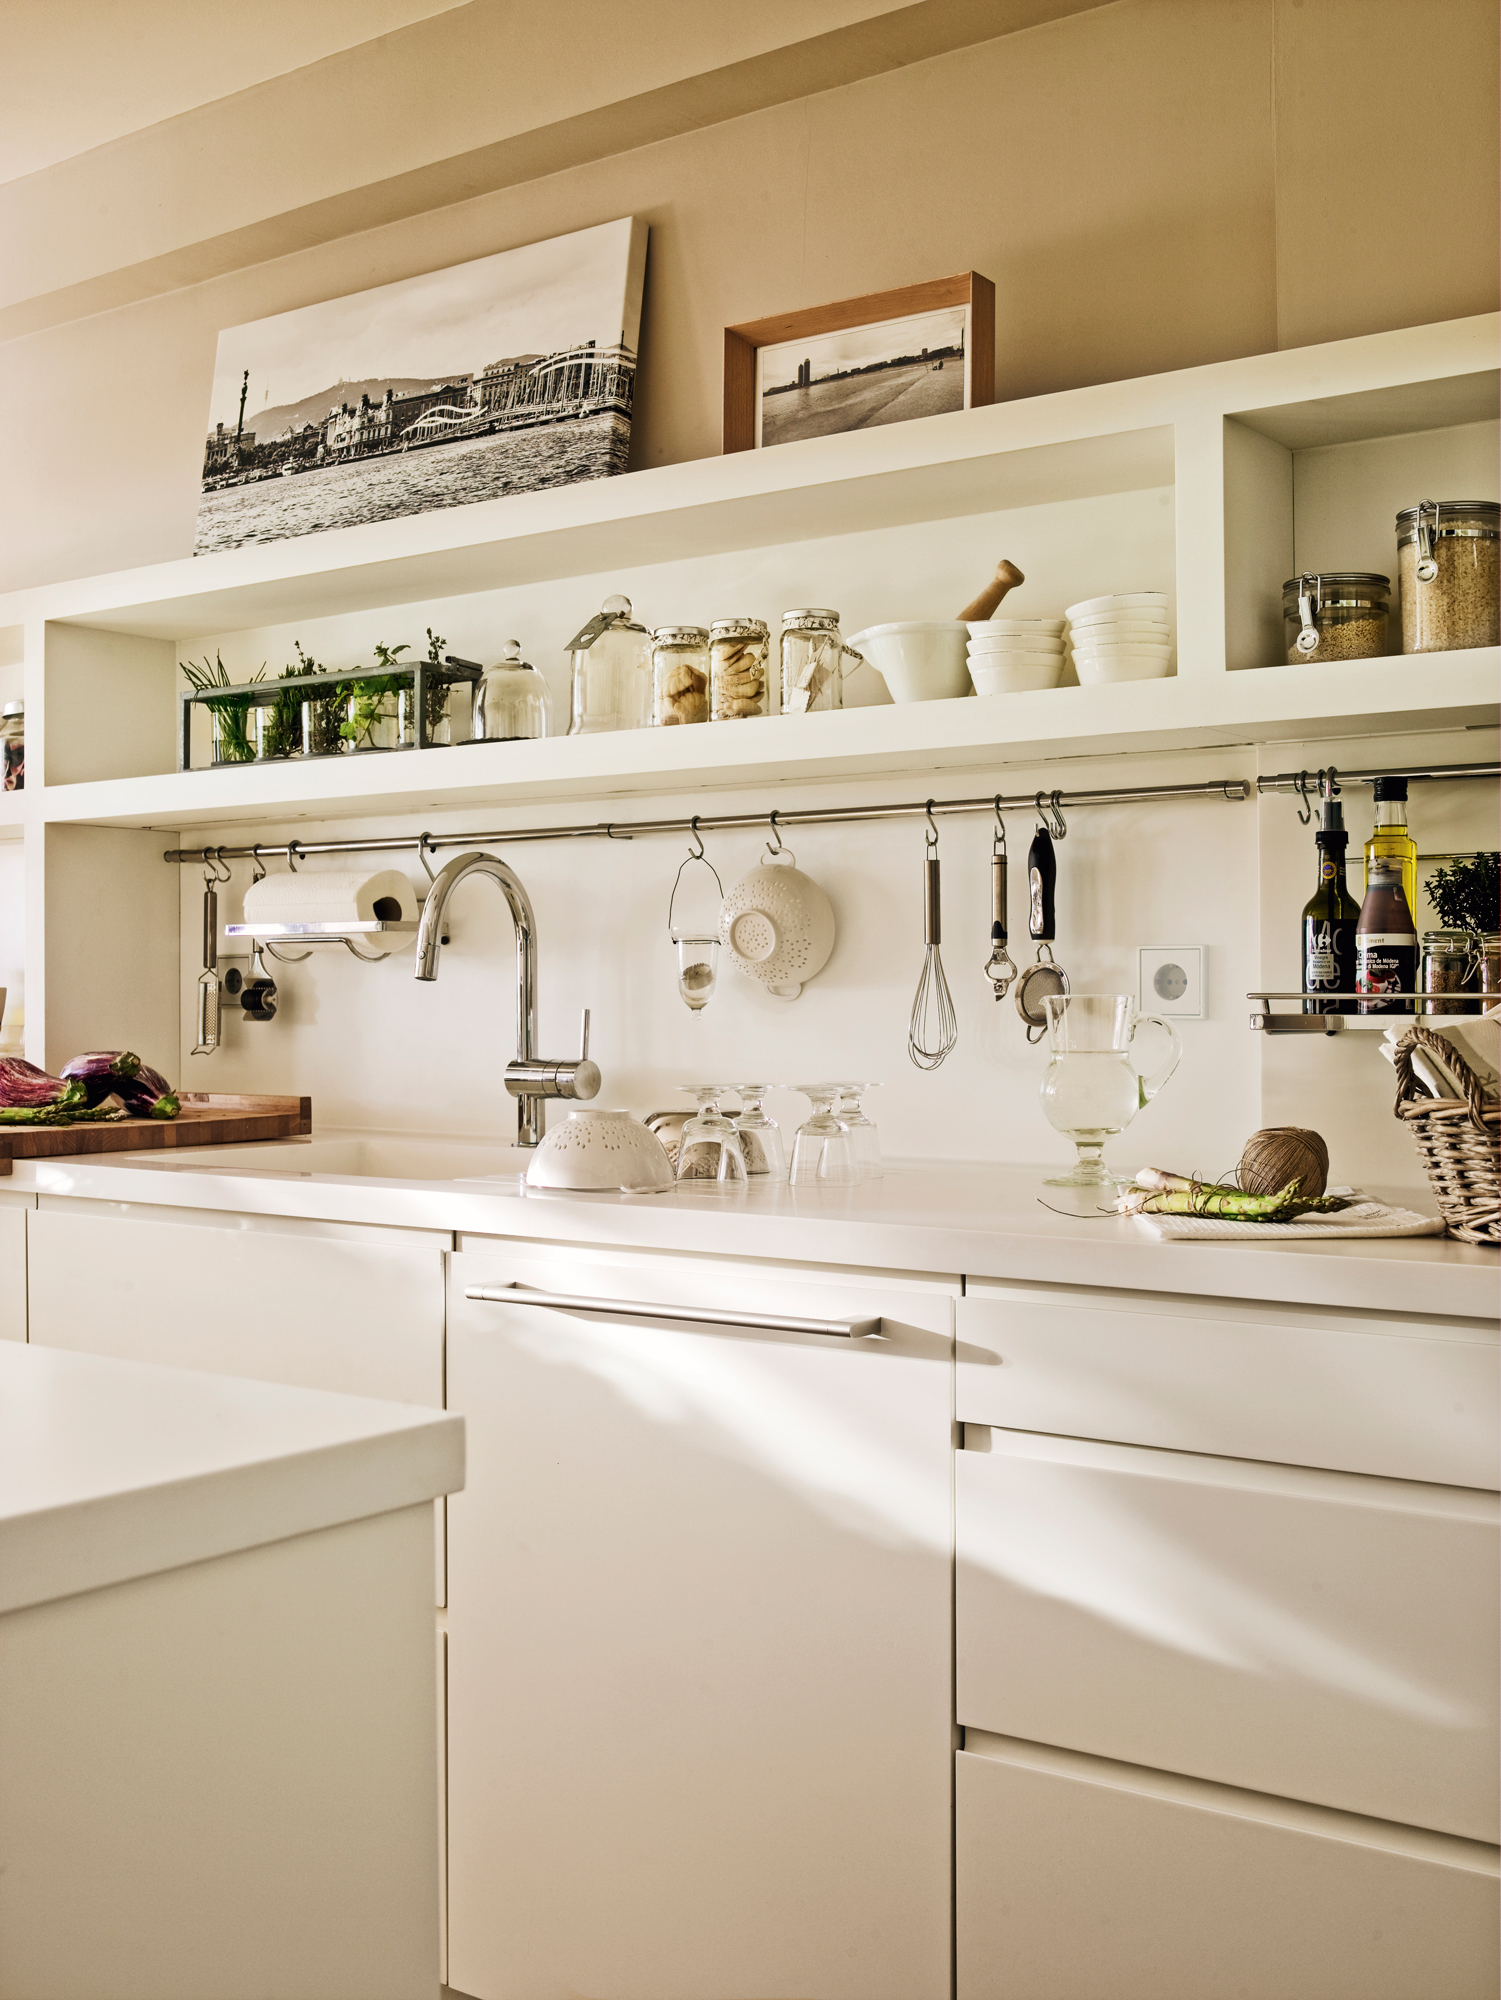 Accesorios para la cocina que optimizan el espacio y el orden